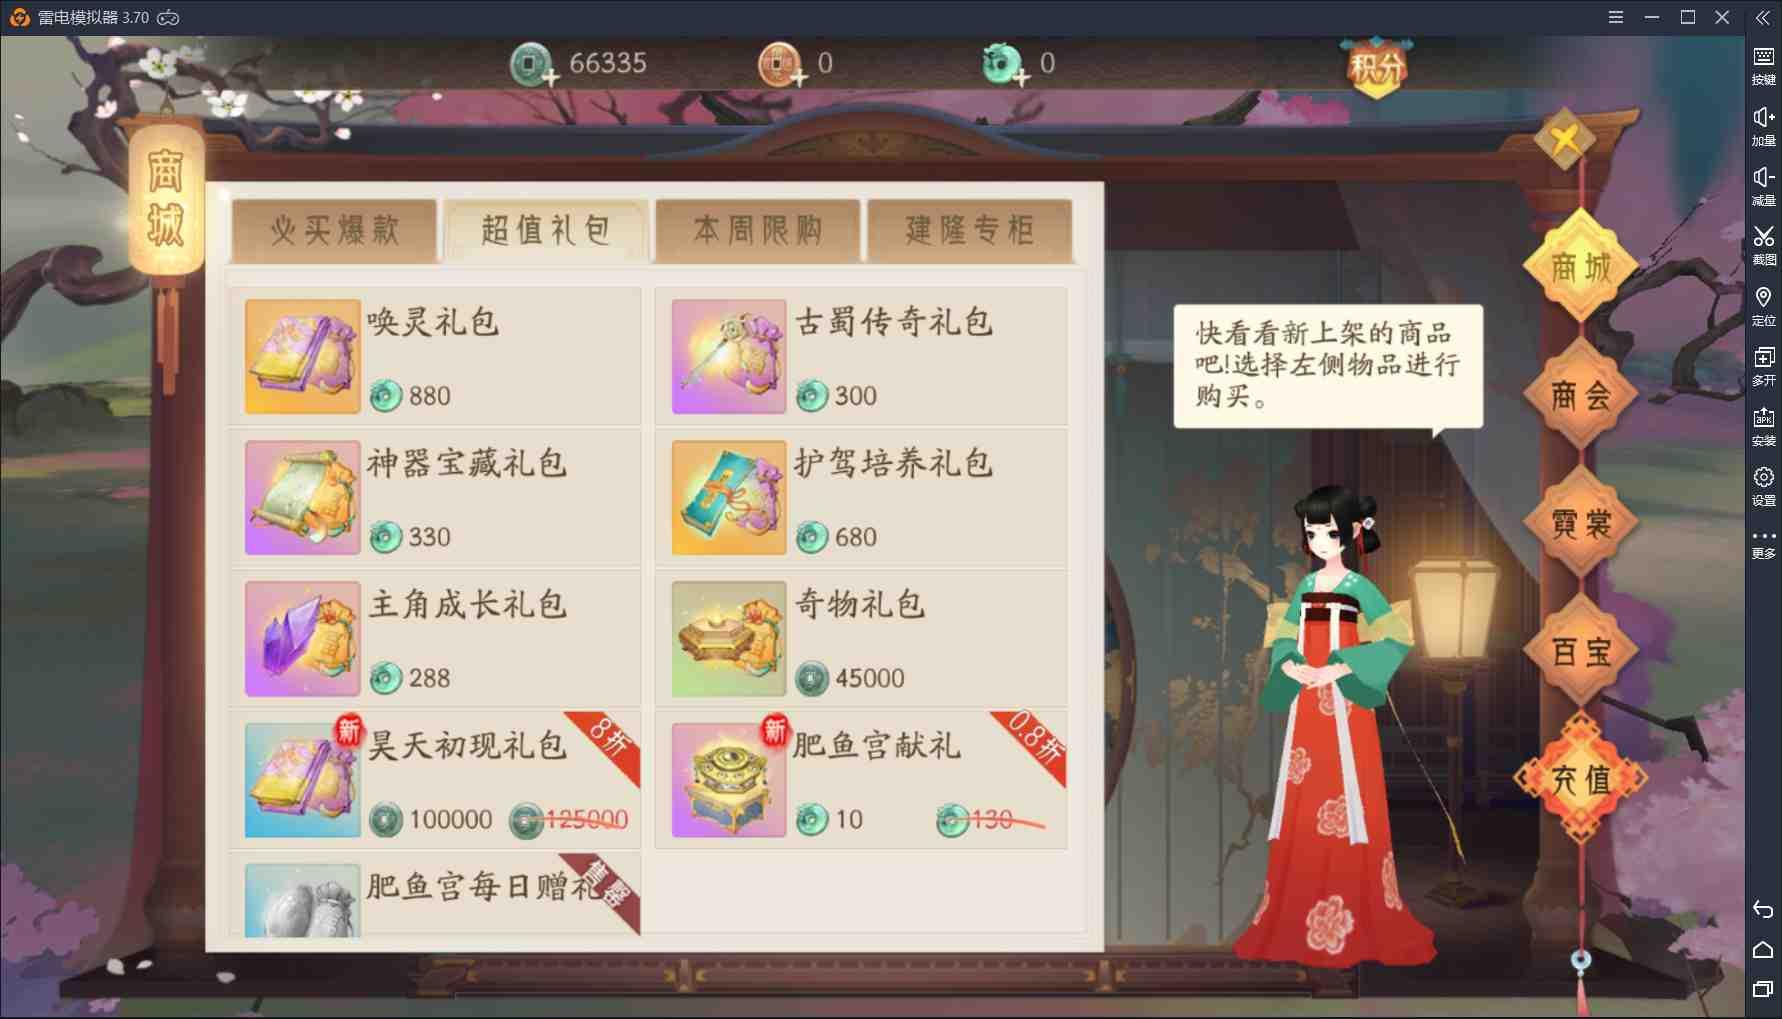 【轩辕剑龙舞云山】游戏体验:轩辕系列的经典延续